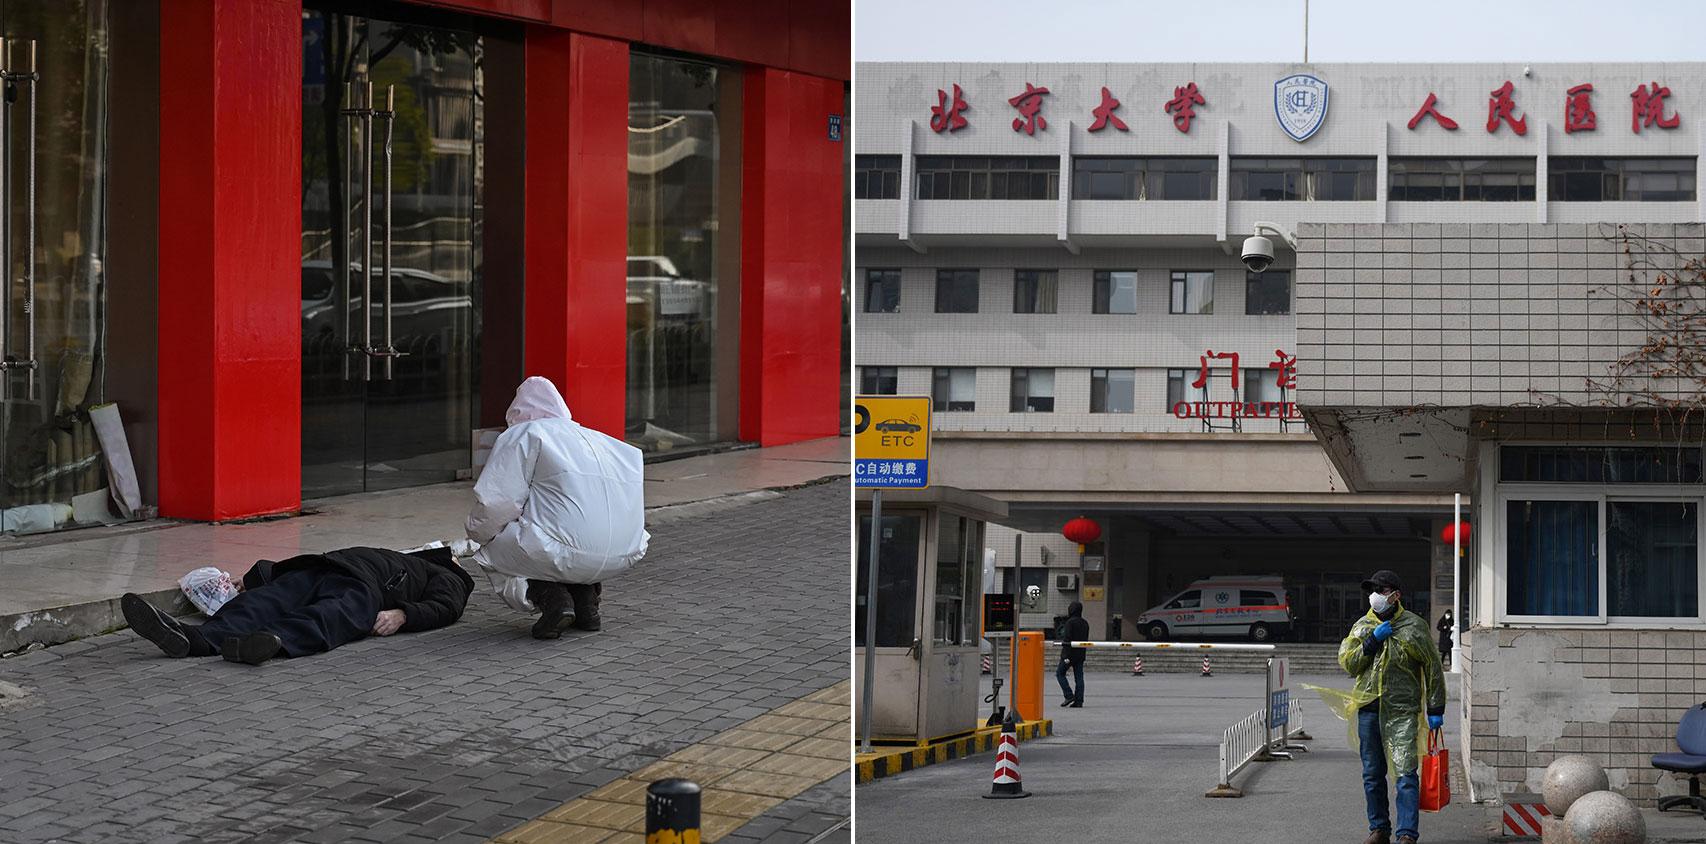 """左图:""""武汉肺炎""""的特点是从无症状到死亡,最快仅数个小时;右图:2020年2月21日,一名男子走在北京大学人民医院外面时,穿上防护服来预防COVID-19冠状病毒。(法新社)"""